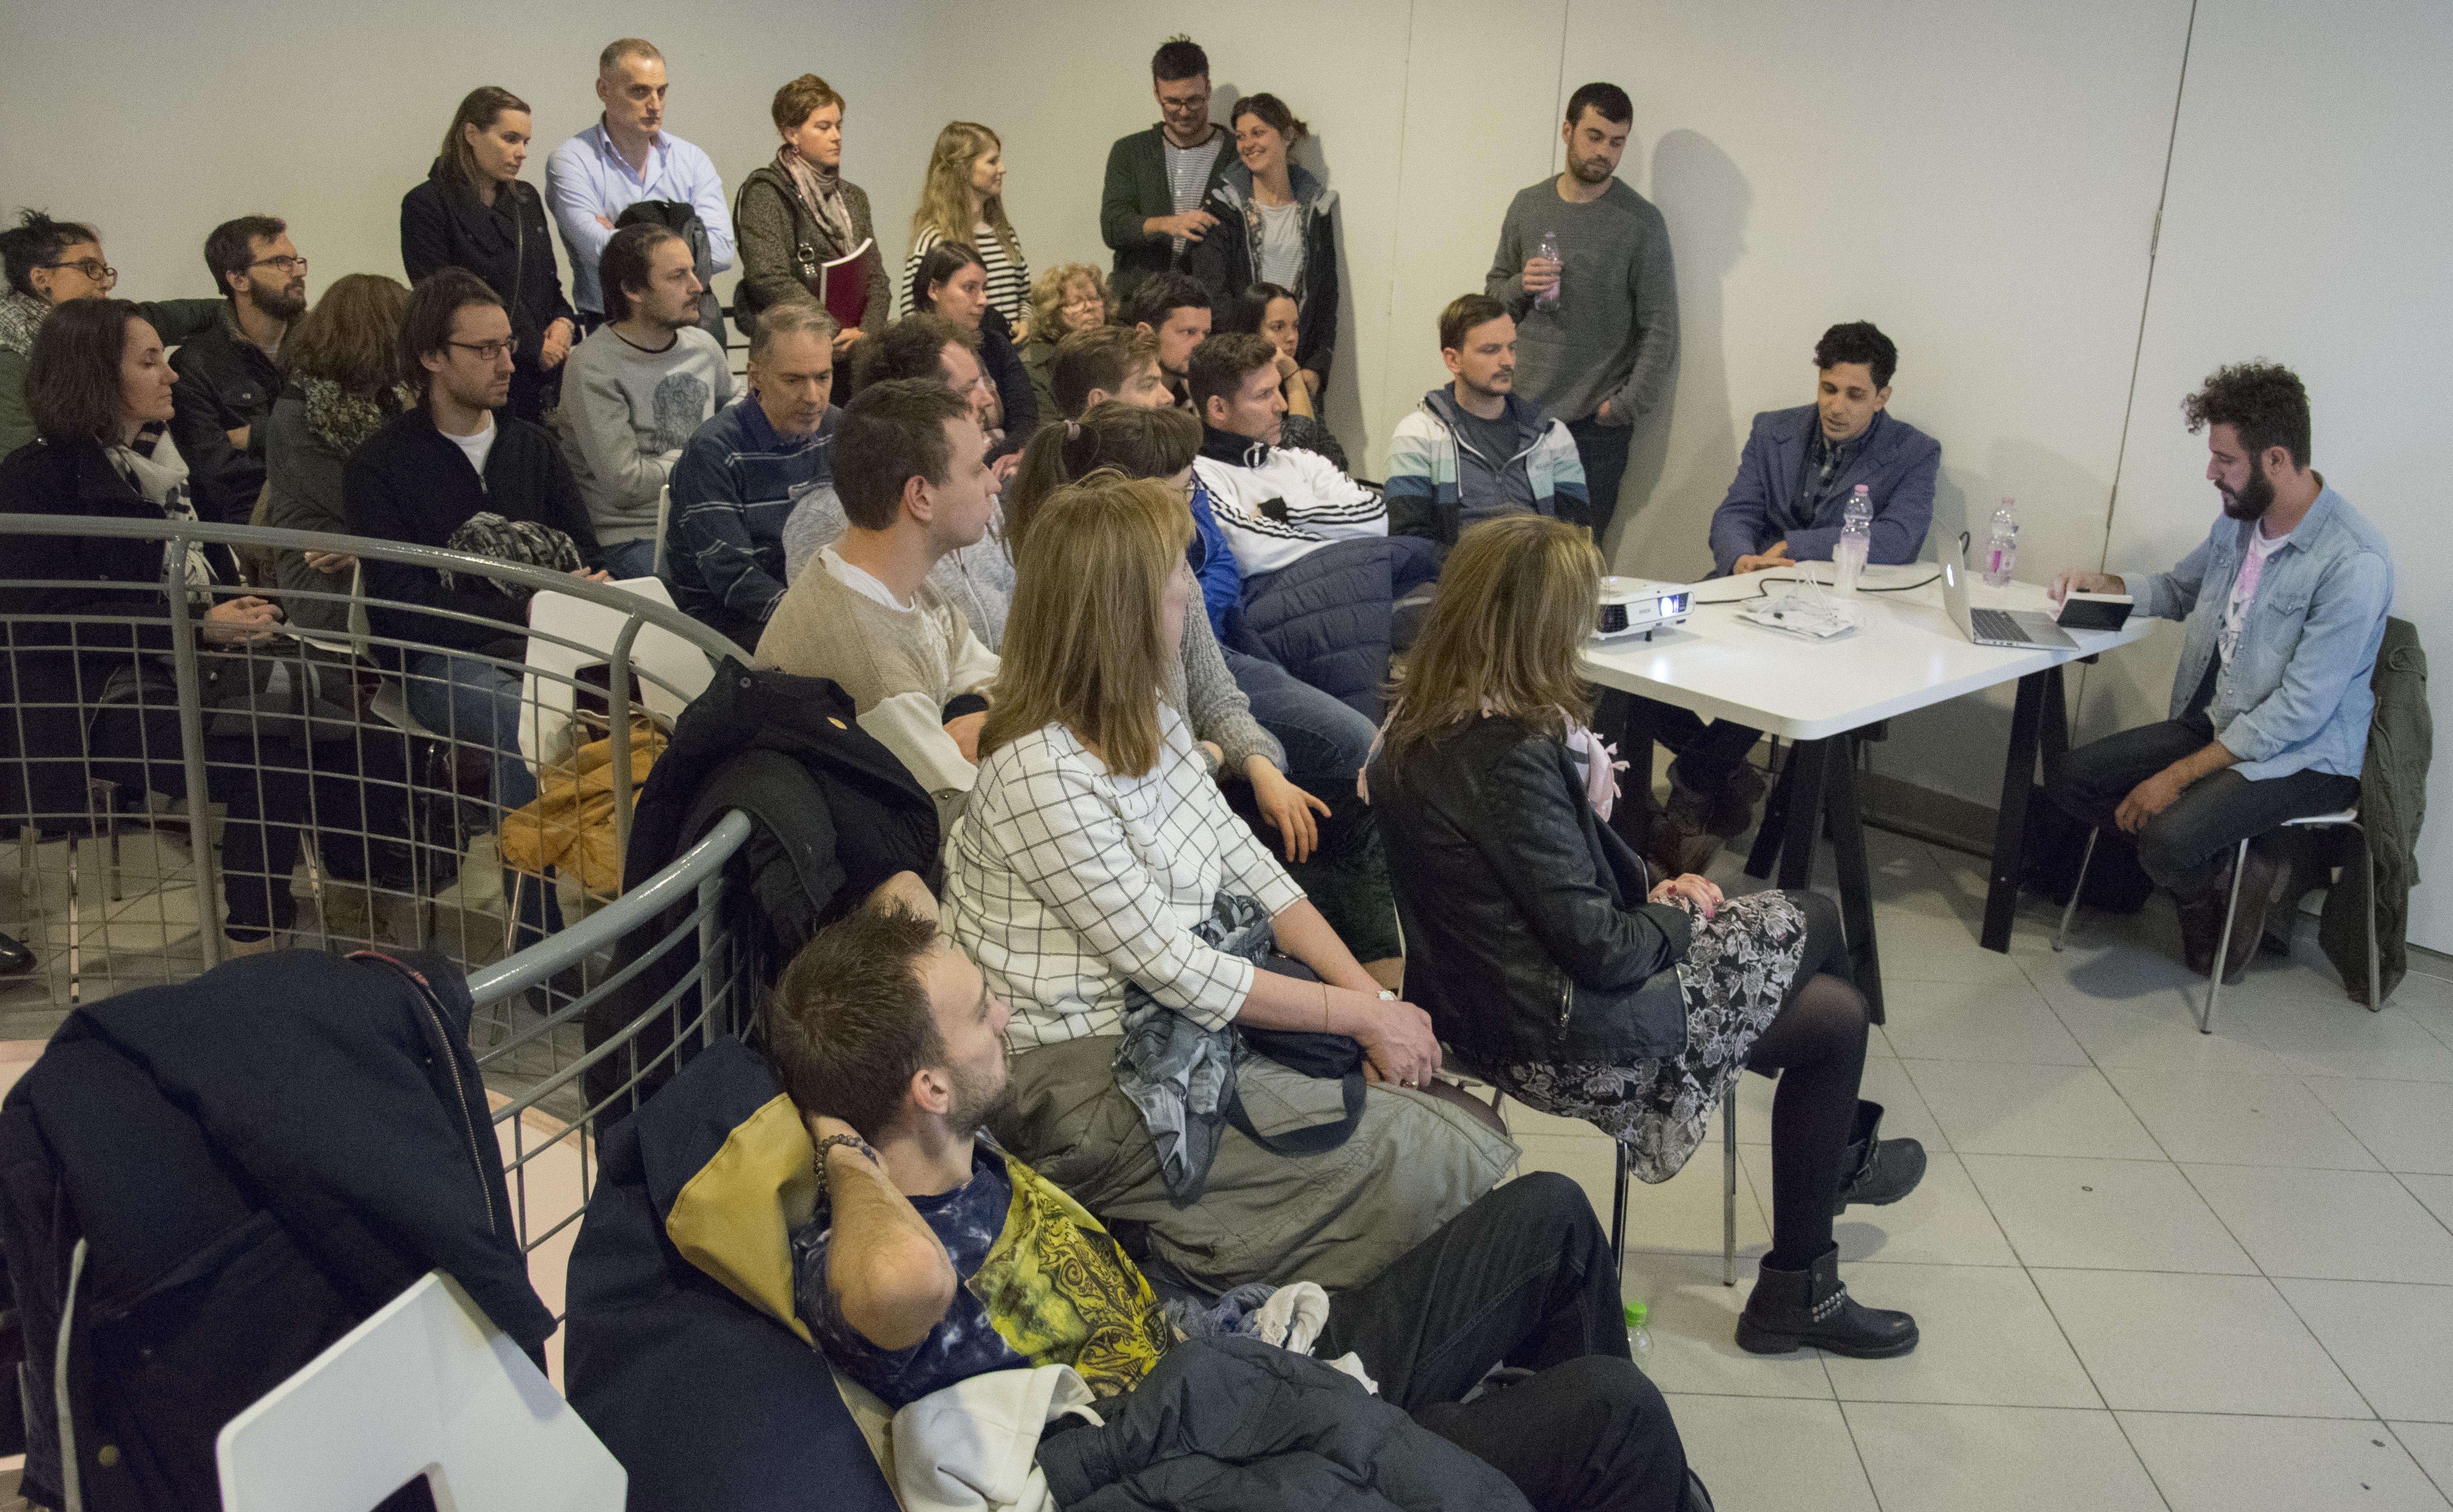 Kortárs inspiráció – Raúl Moreno előadása a Fesztiválközpontban